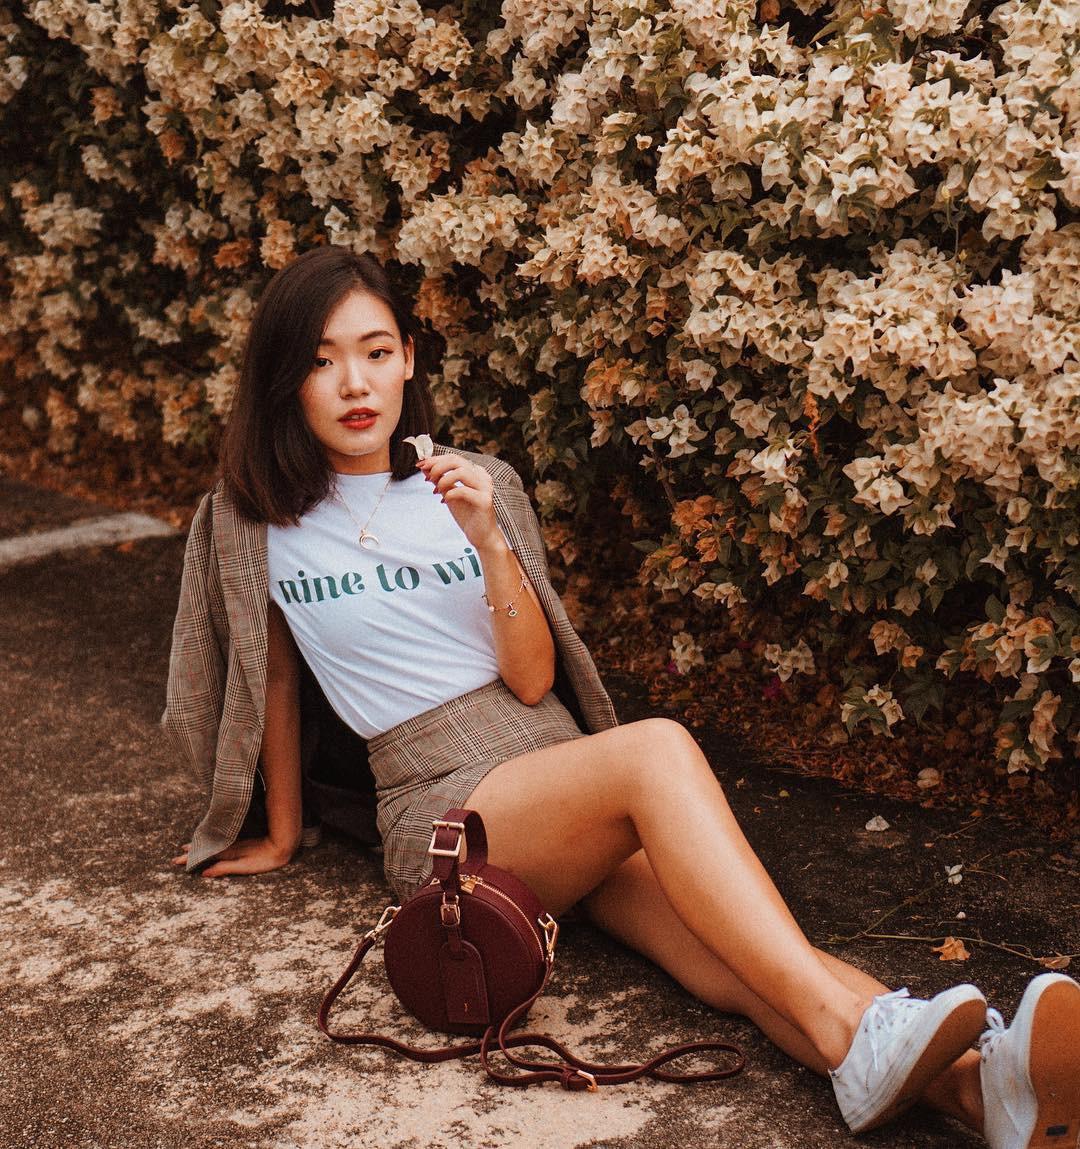 """Trở thành BTV thời trang, cô nàng này đã """"giác ngộ"""" được 3 items nên loại khỏi tủ đồ để sở hữu style chỉn chu và tinh tế - Ảnh 5"""